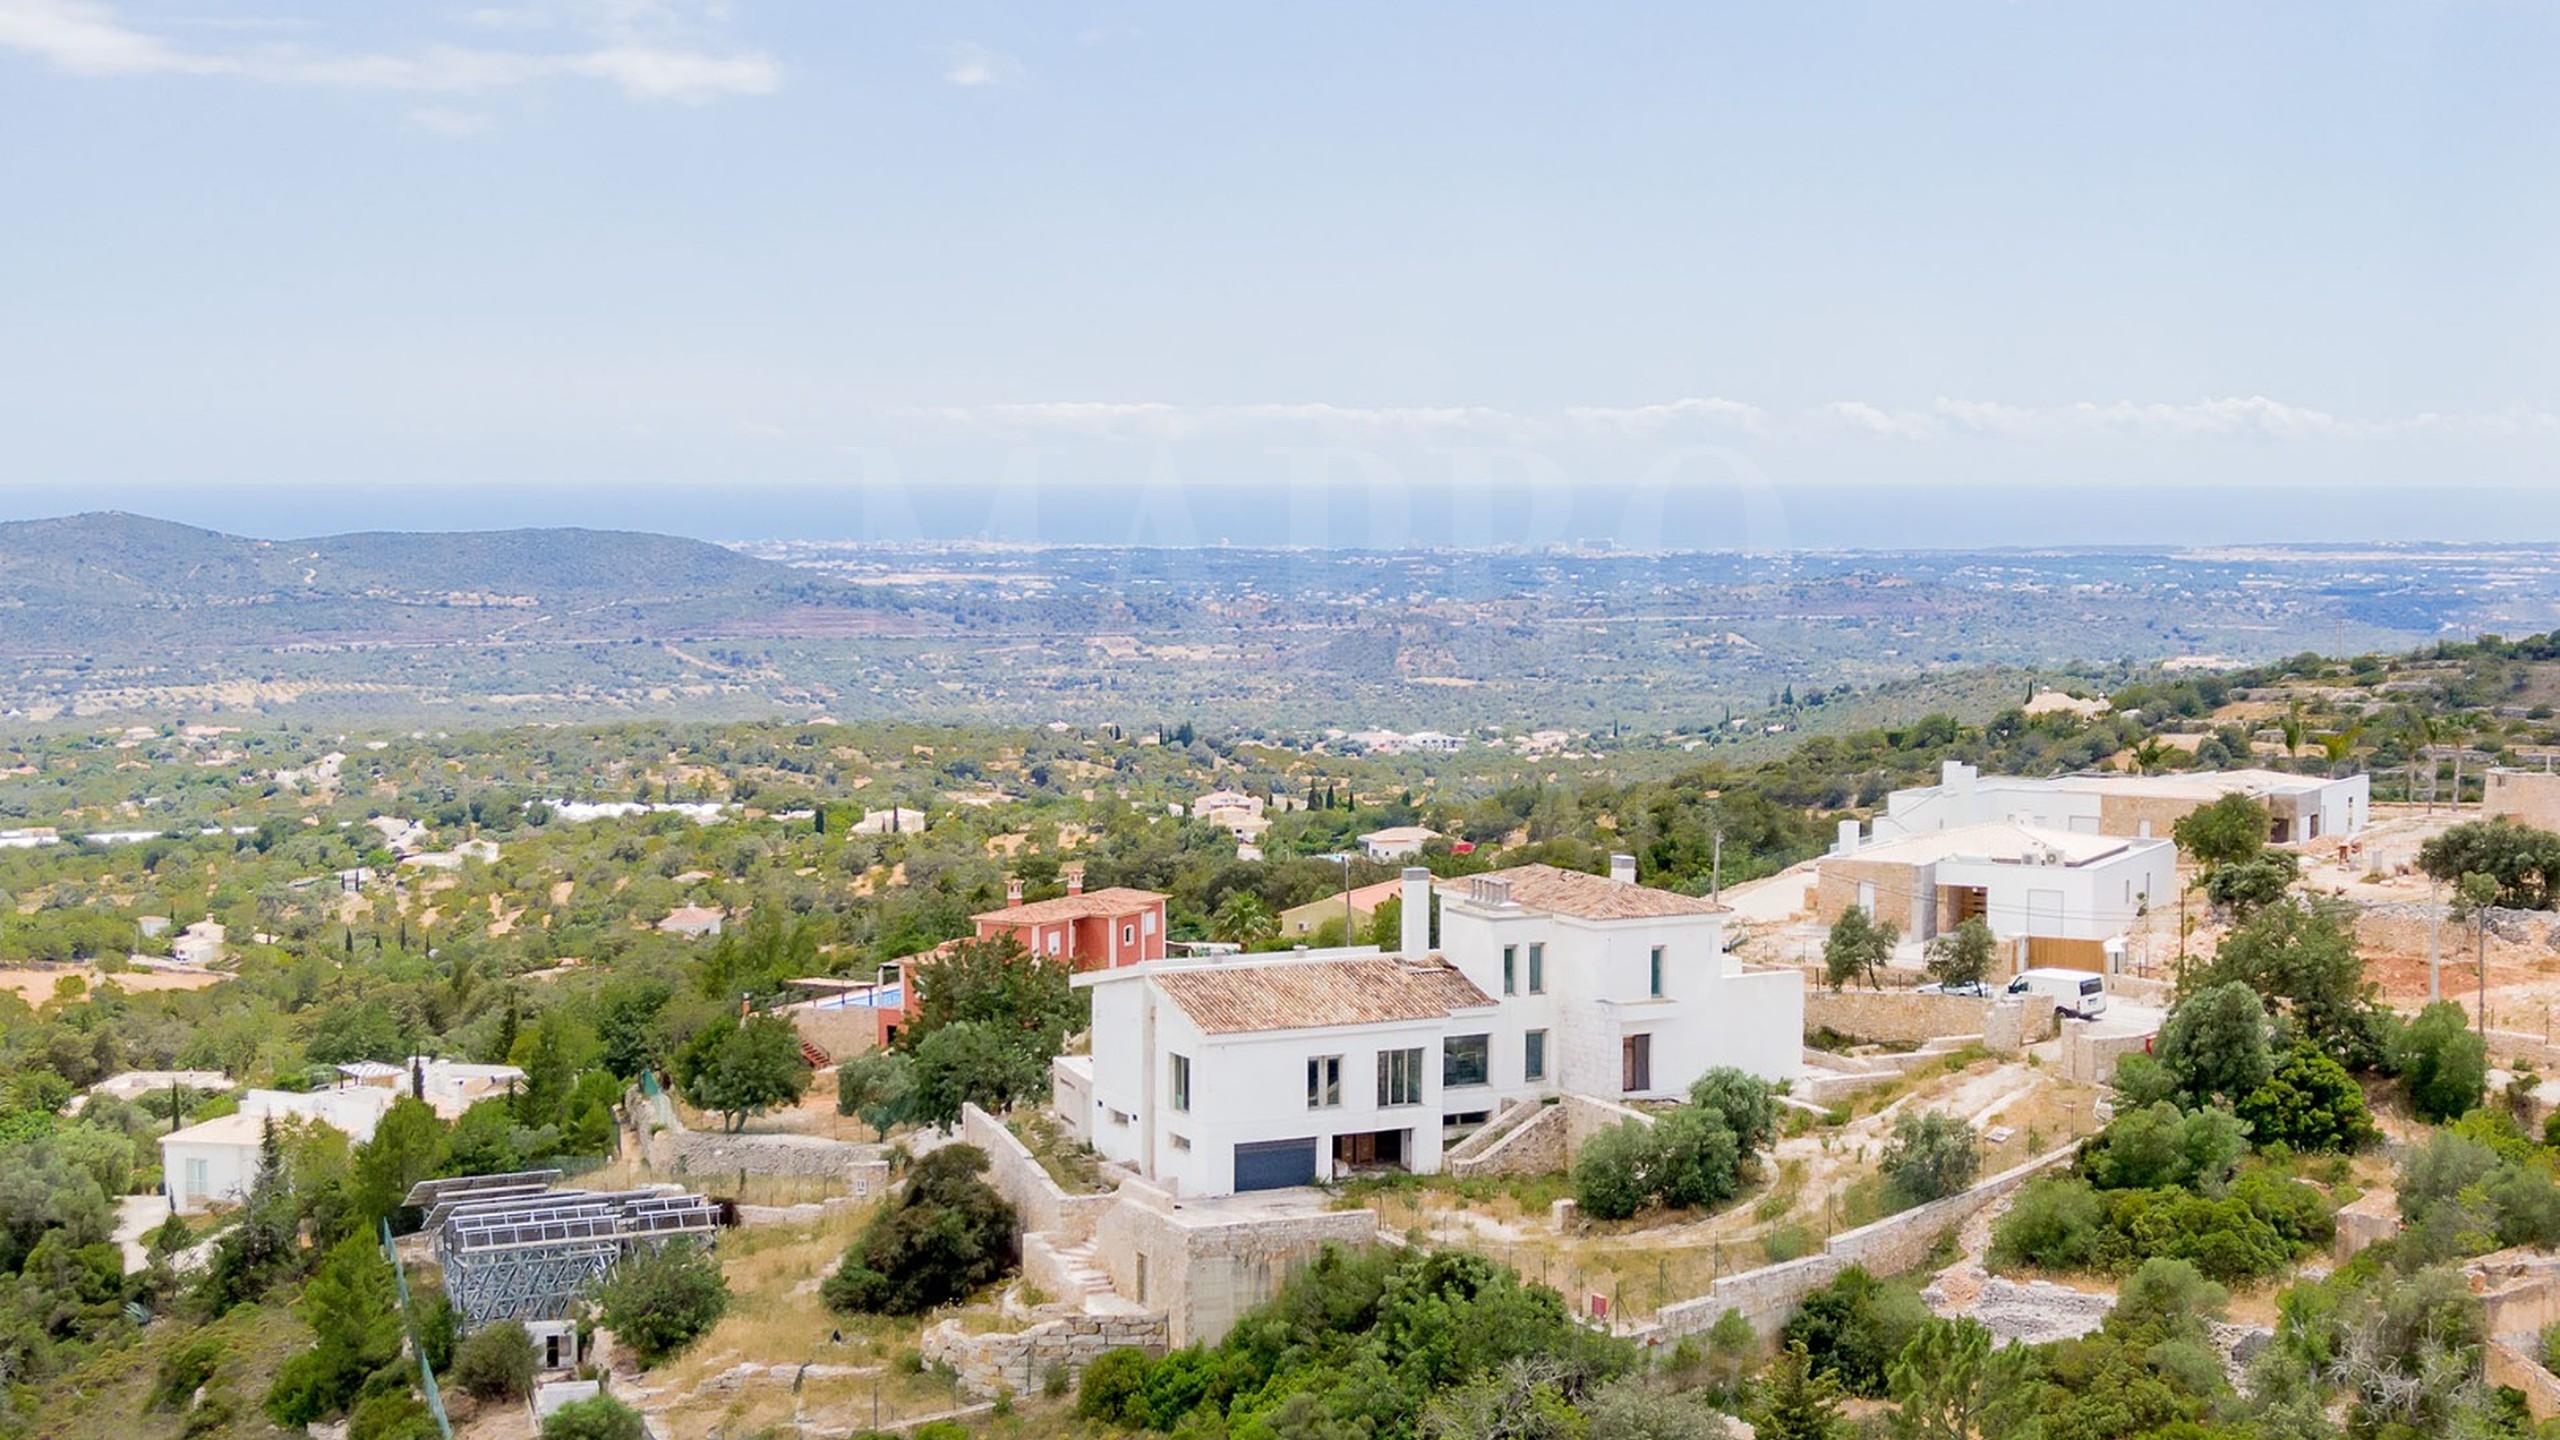 5 bedroom villa for sale in Algarve, Portugal